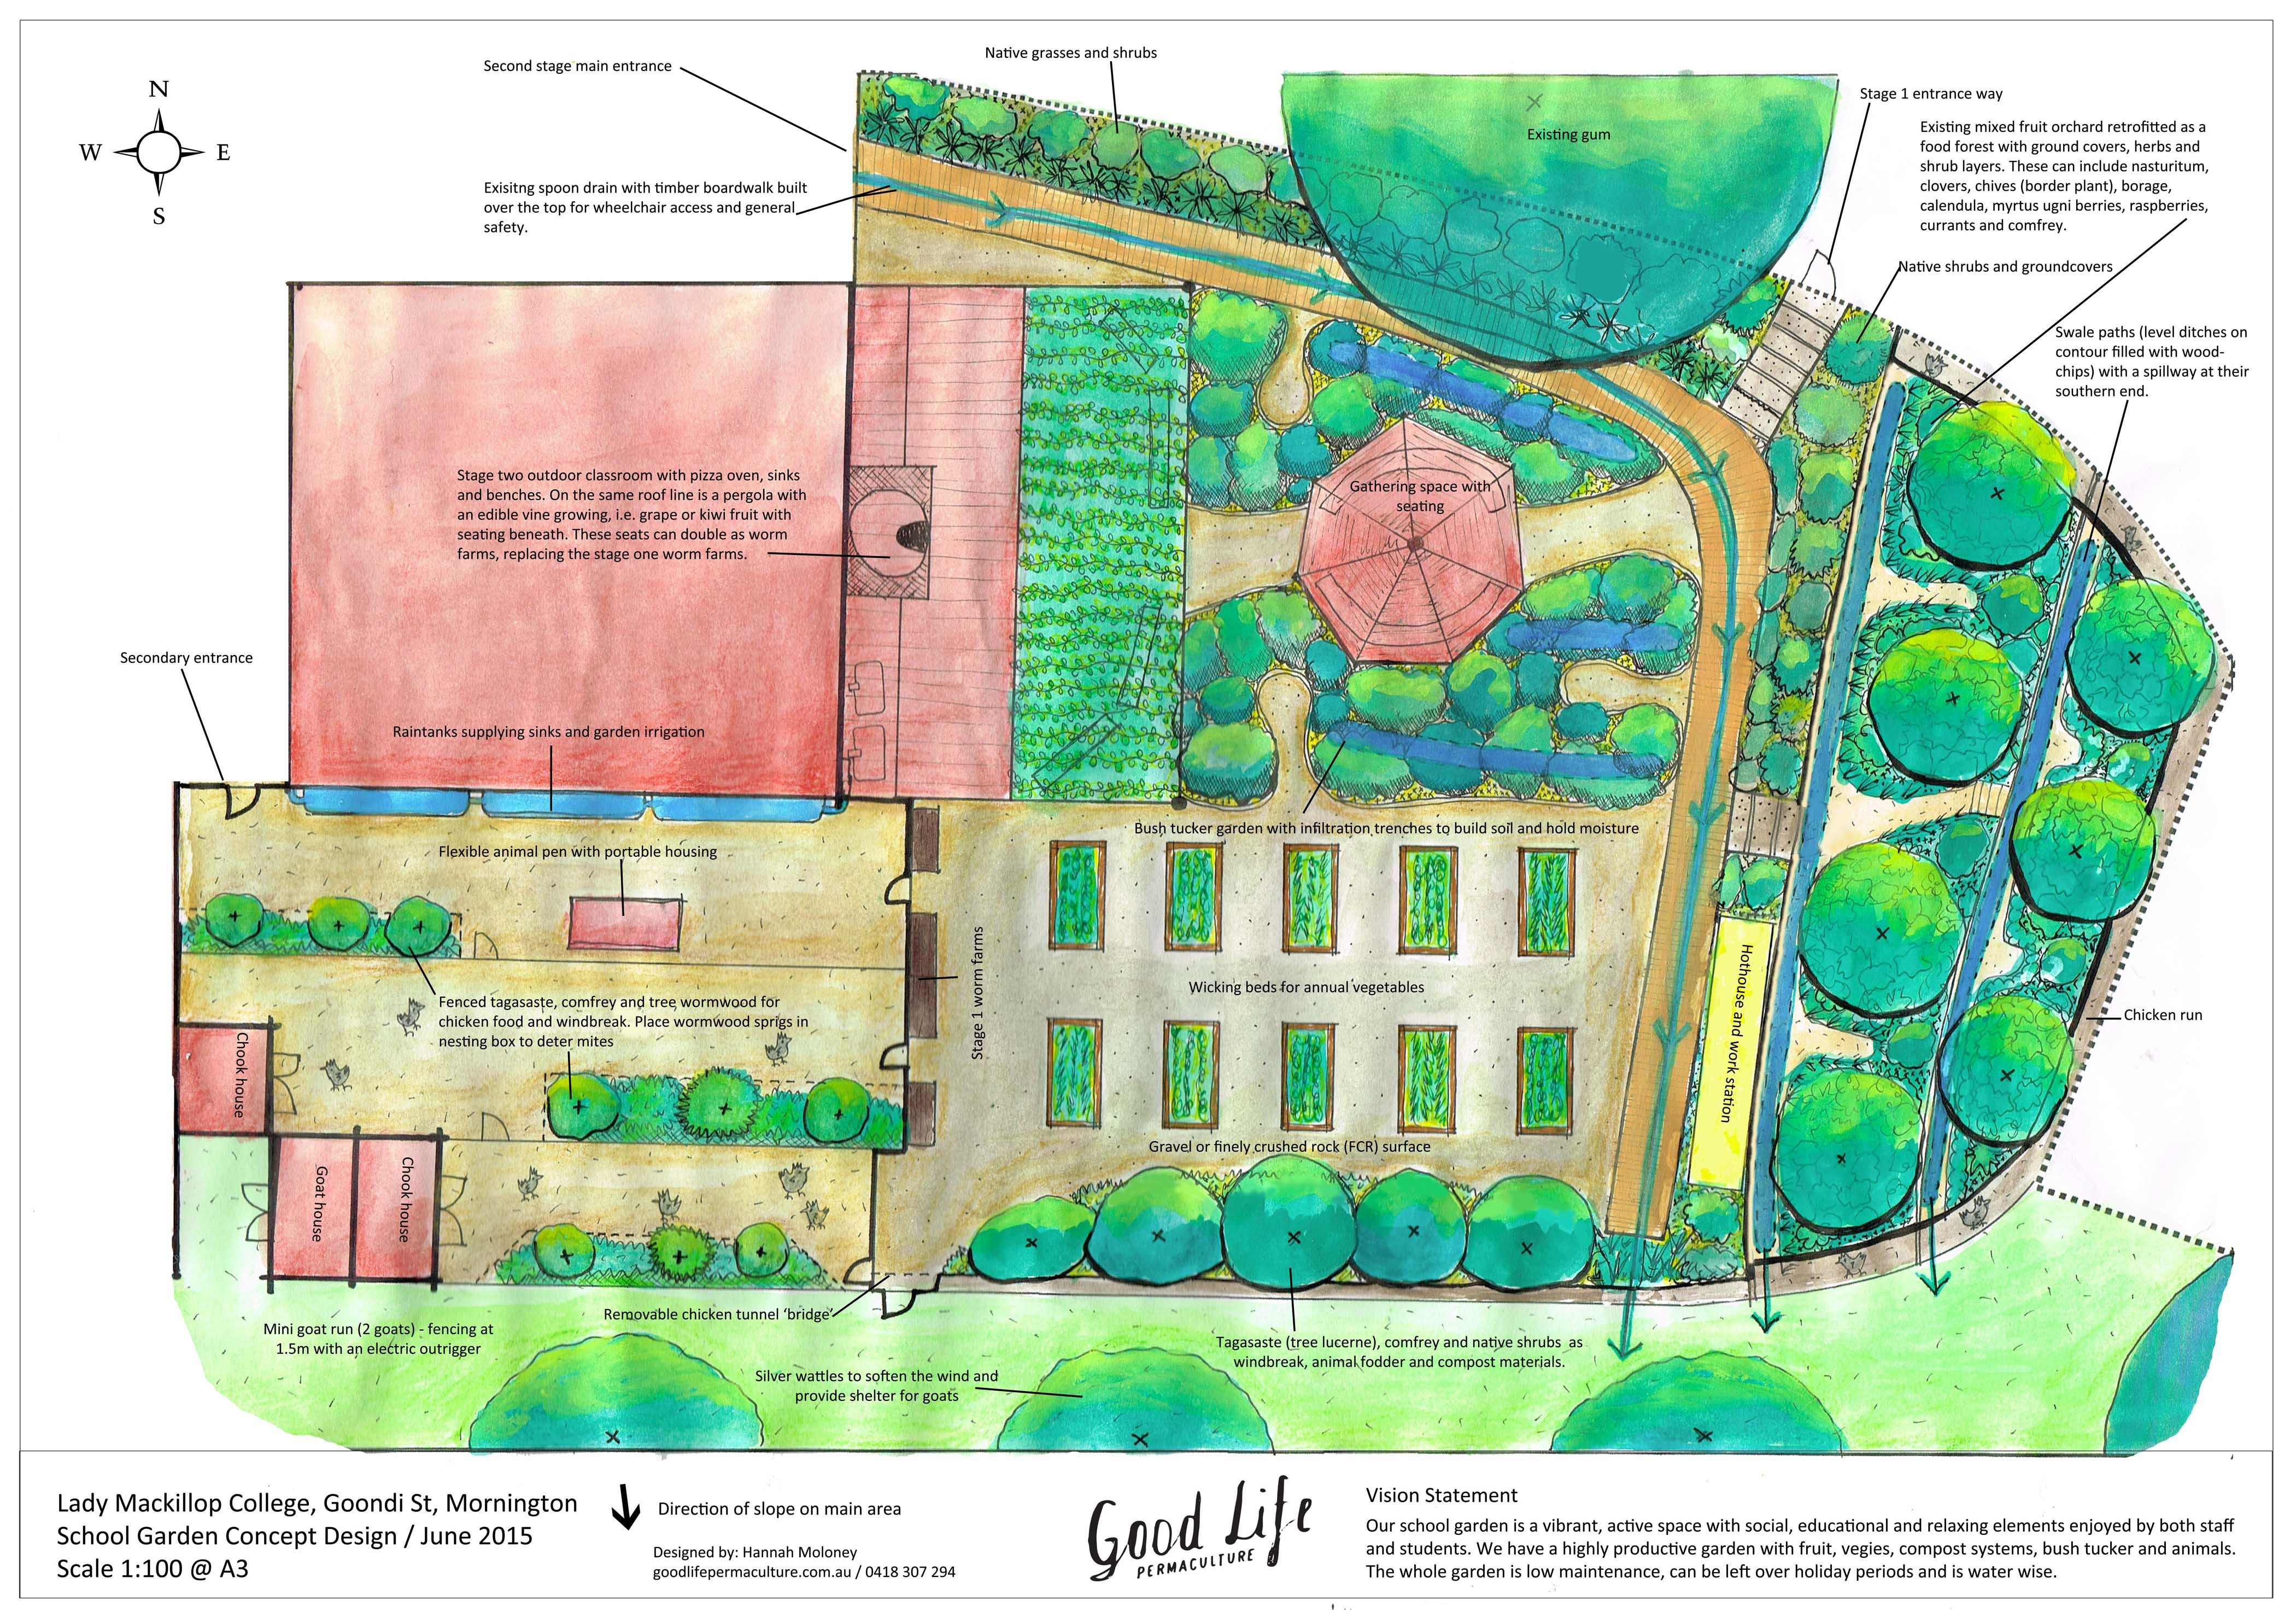 Schoolg 42002970 school garden blueprints pinterest gardens schoolg 42002970 malvernweather Gallery